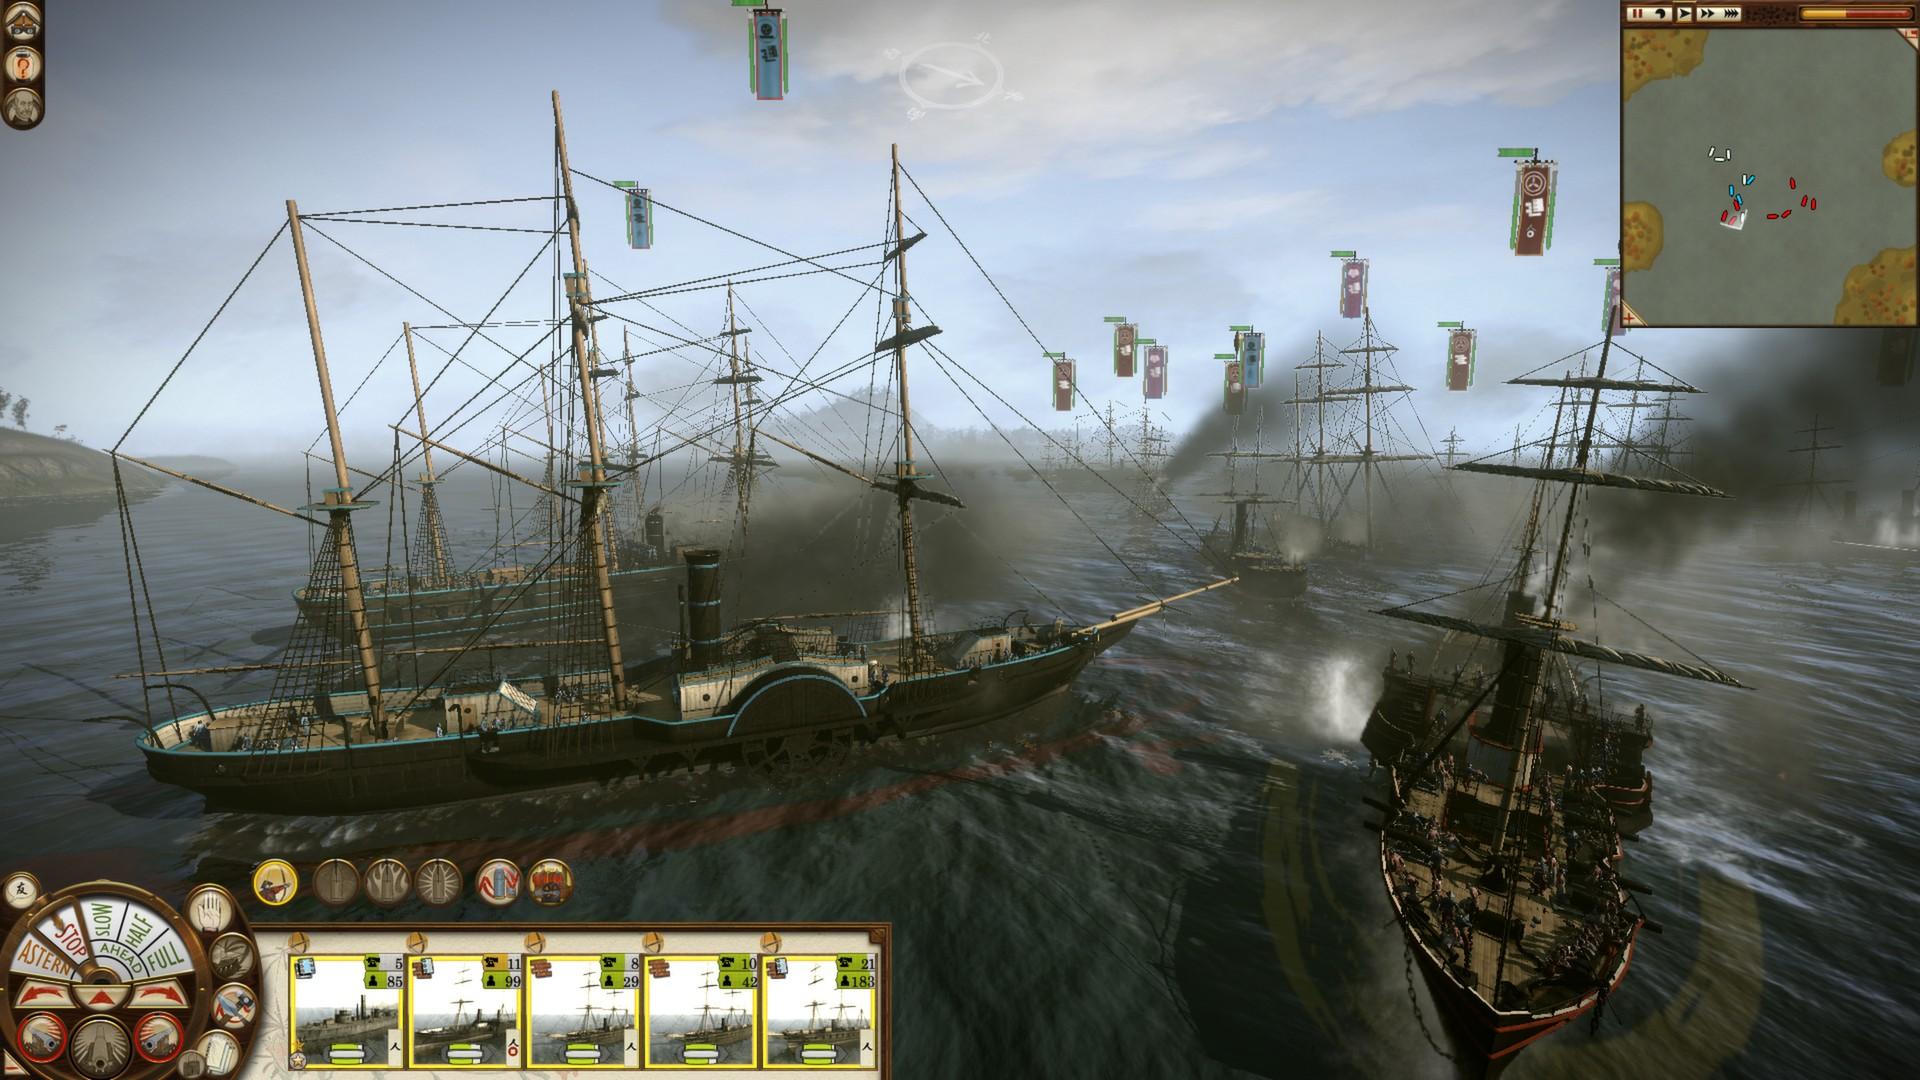 Samurai in Africa Screenshot 1